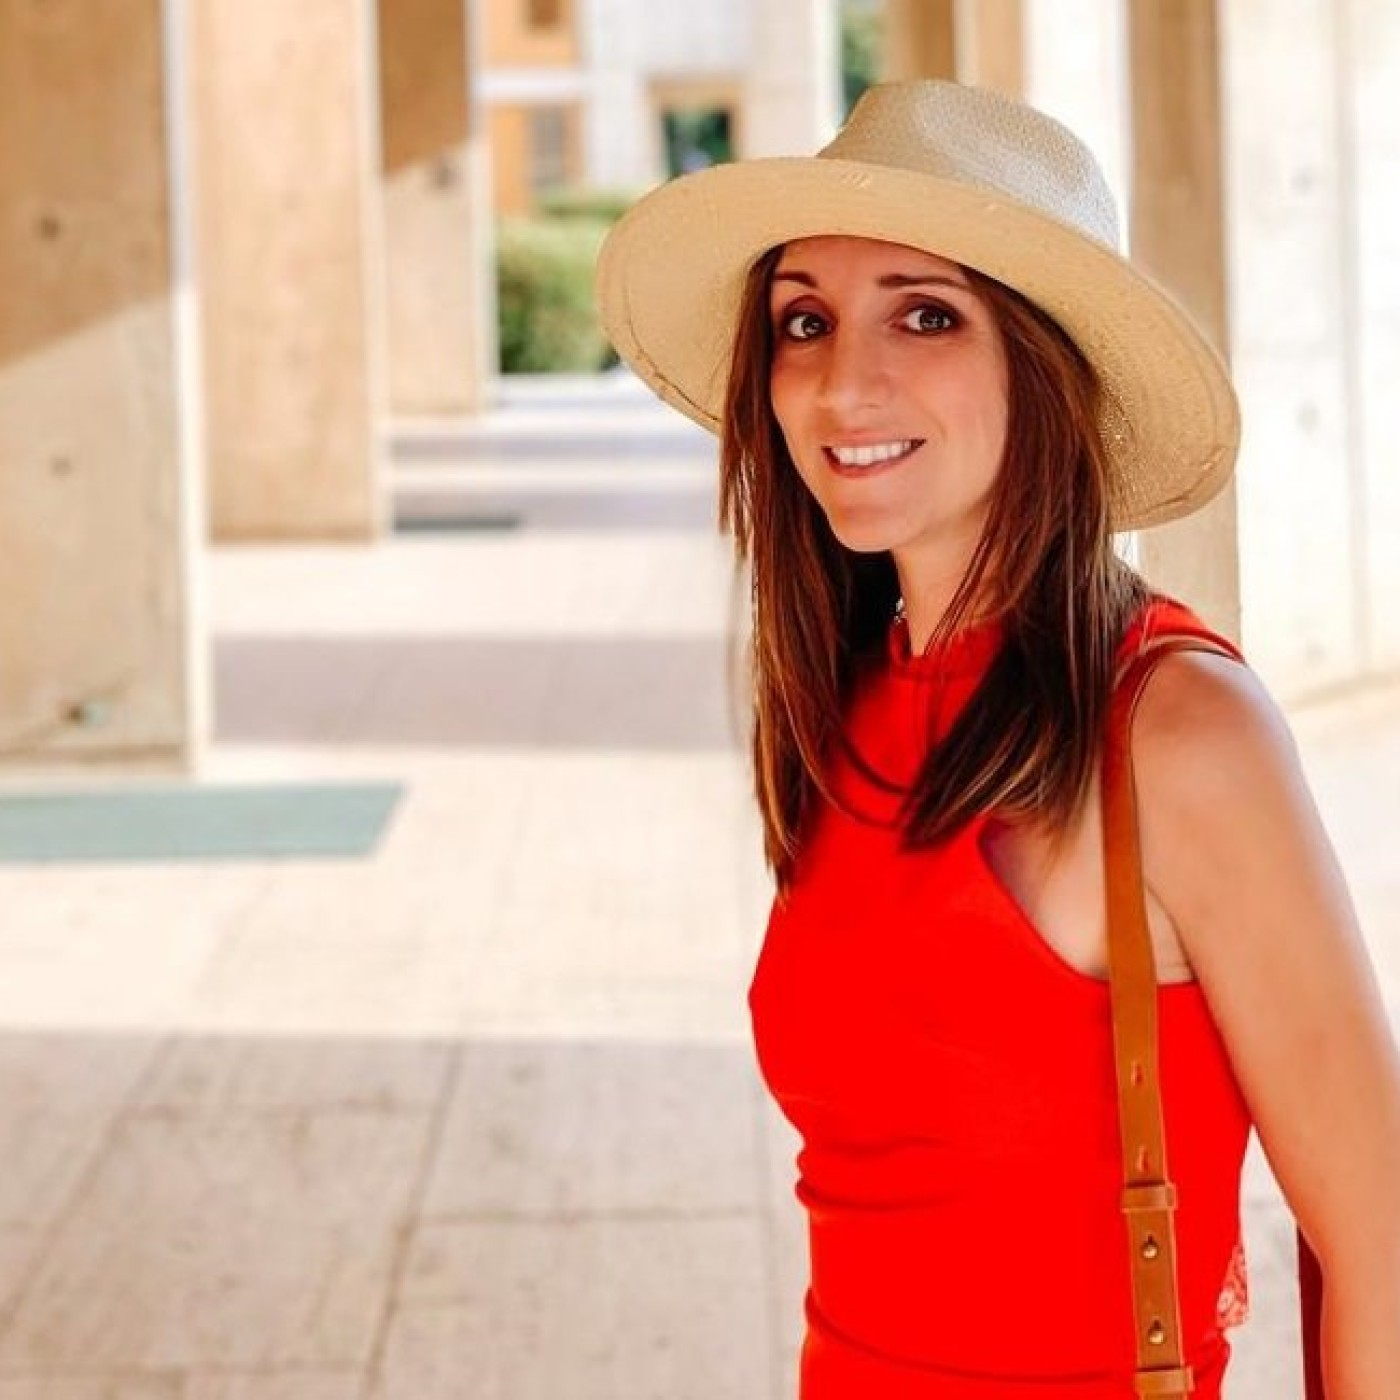 En californie, la vague Covid 19 est trés forte, Céline est une nouvelle correspondante aux USA - 14 12 2020 - StereoChic Radio